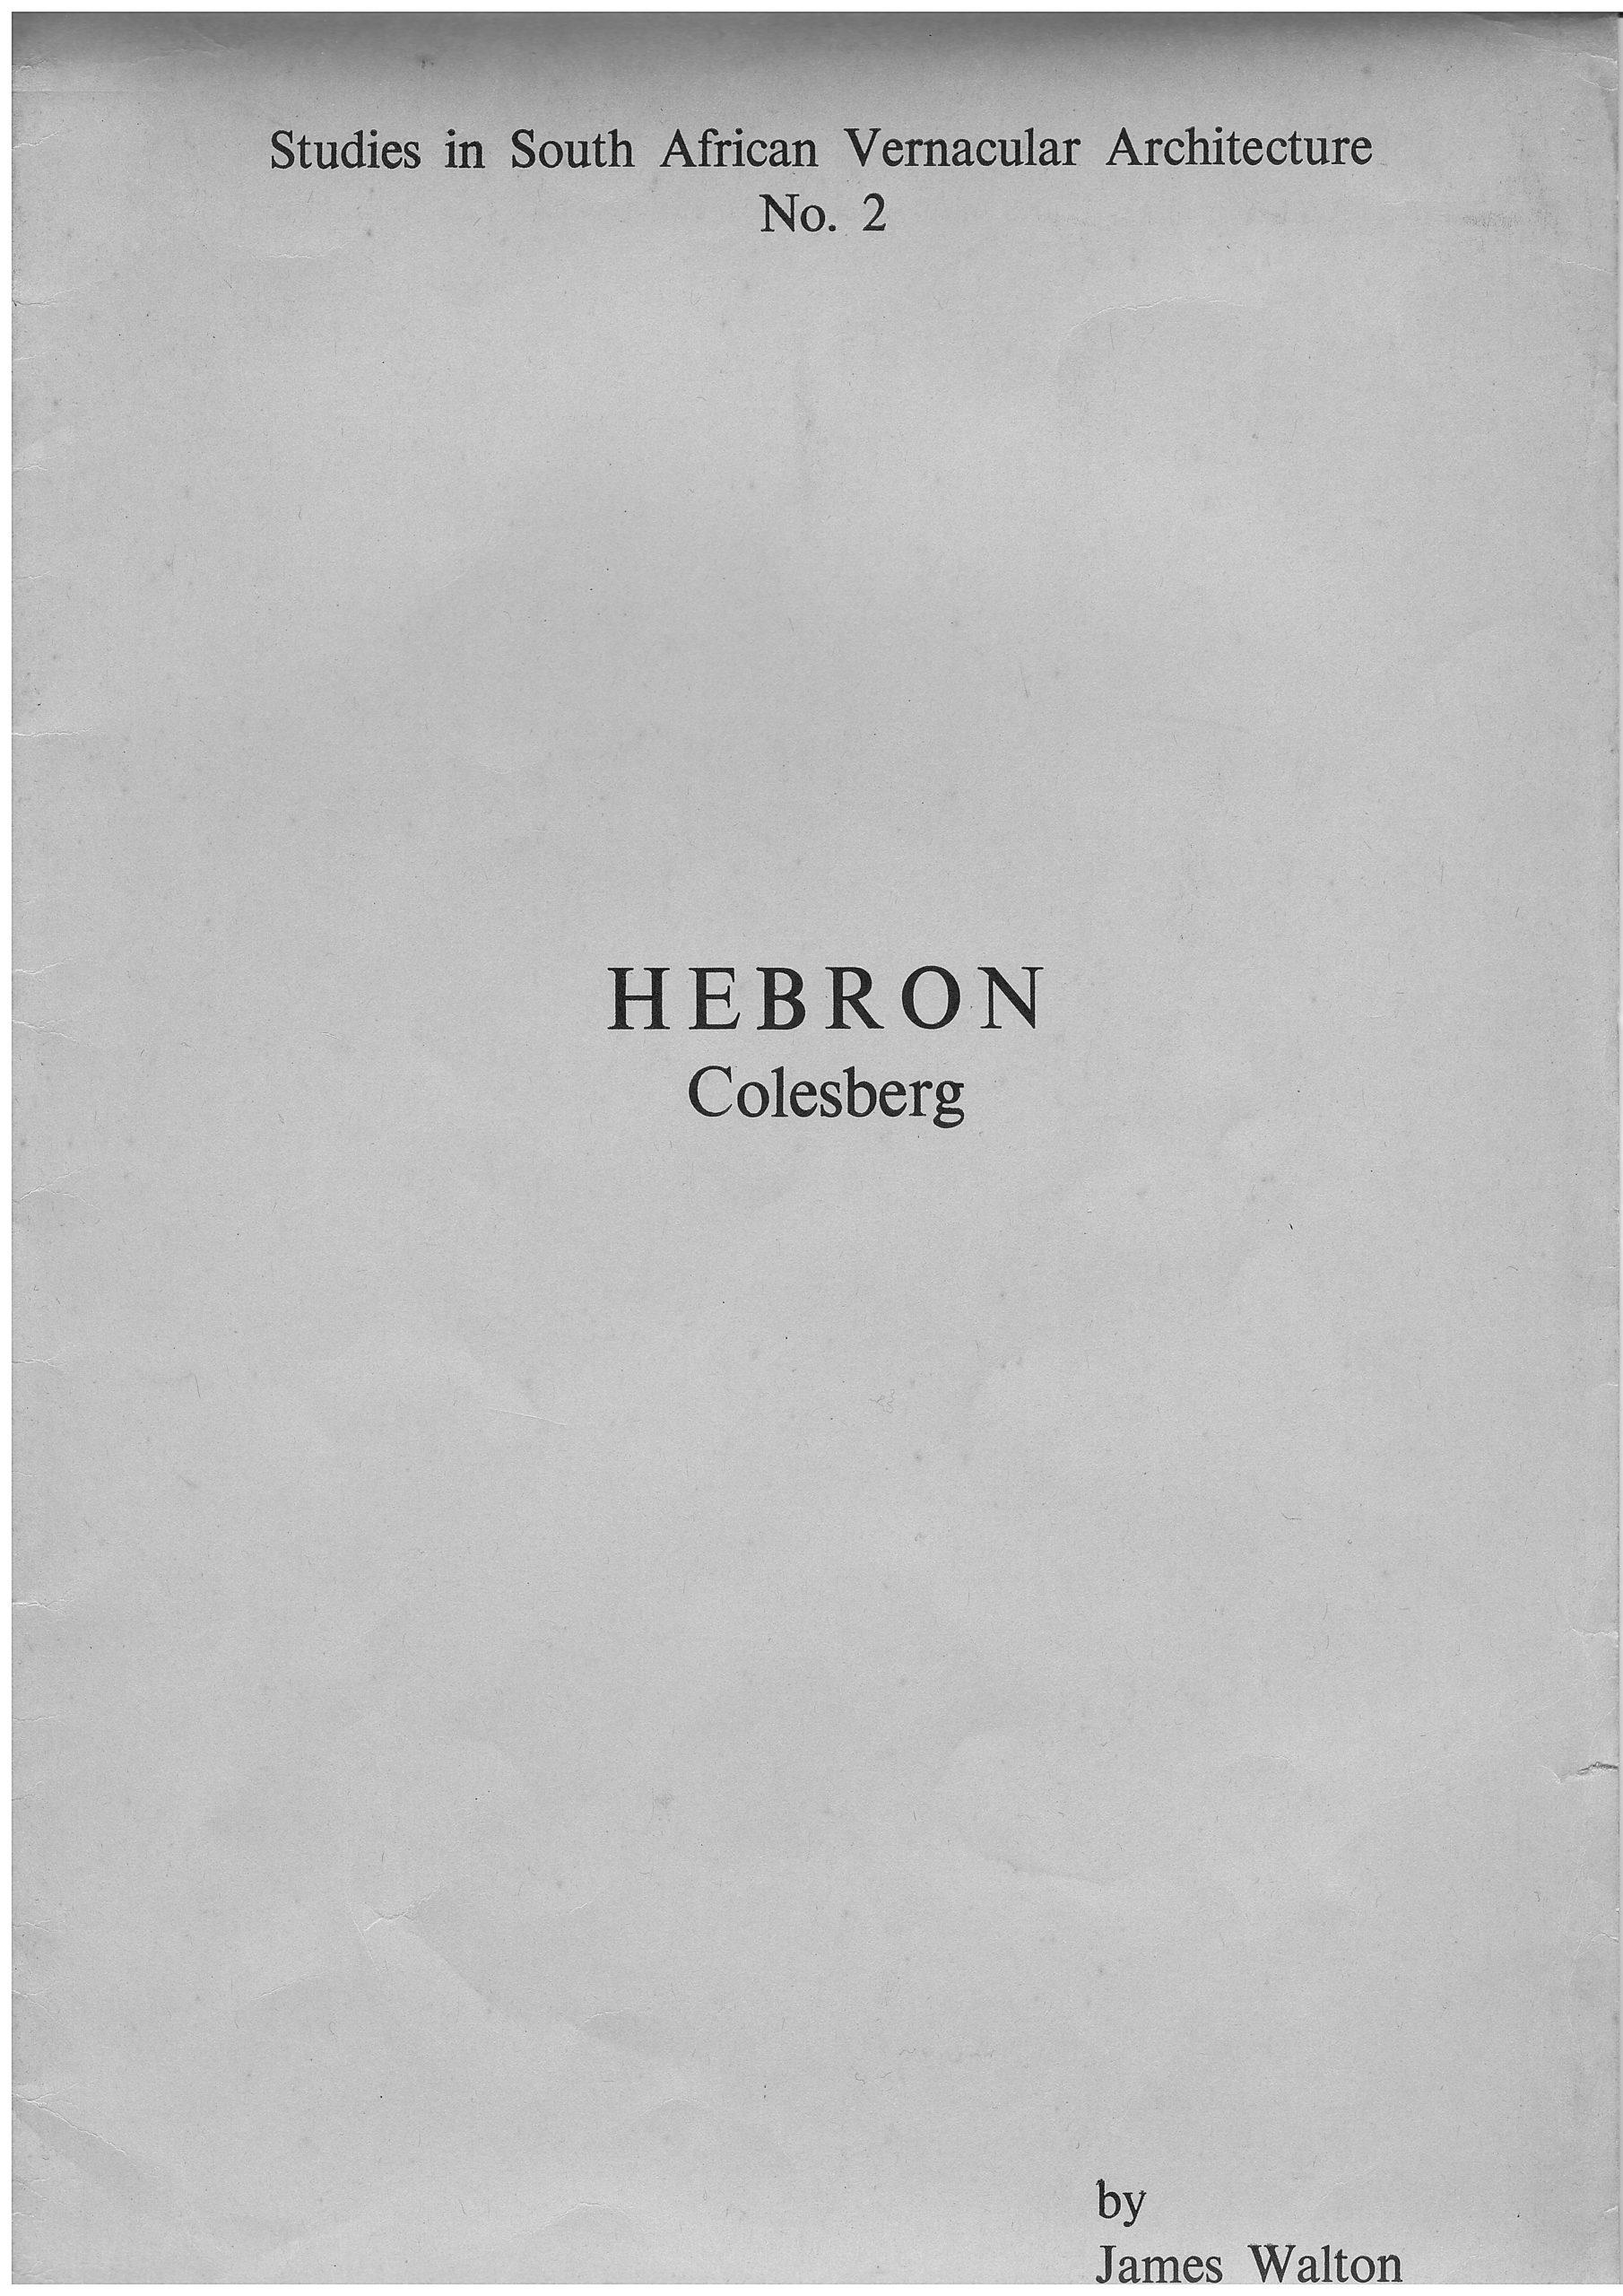 Hebron - Colesberg - by James Walton